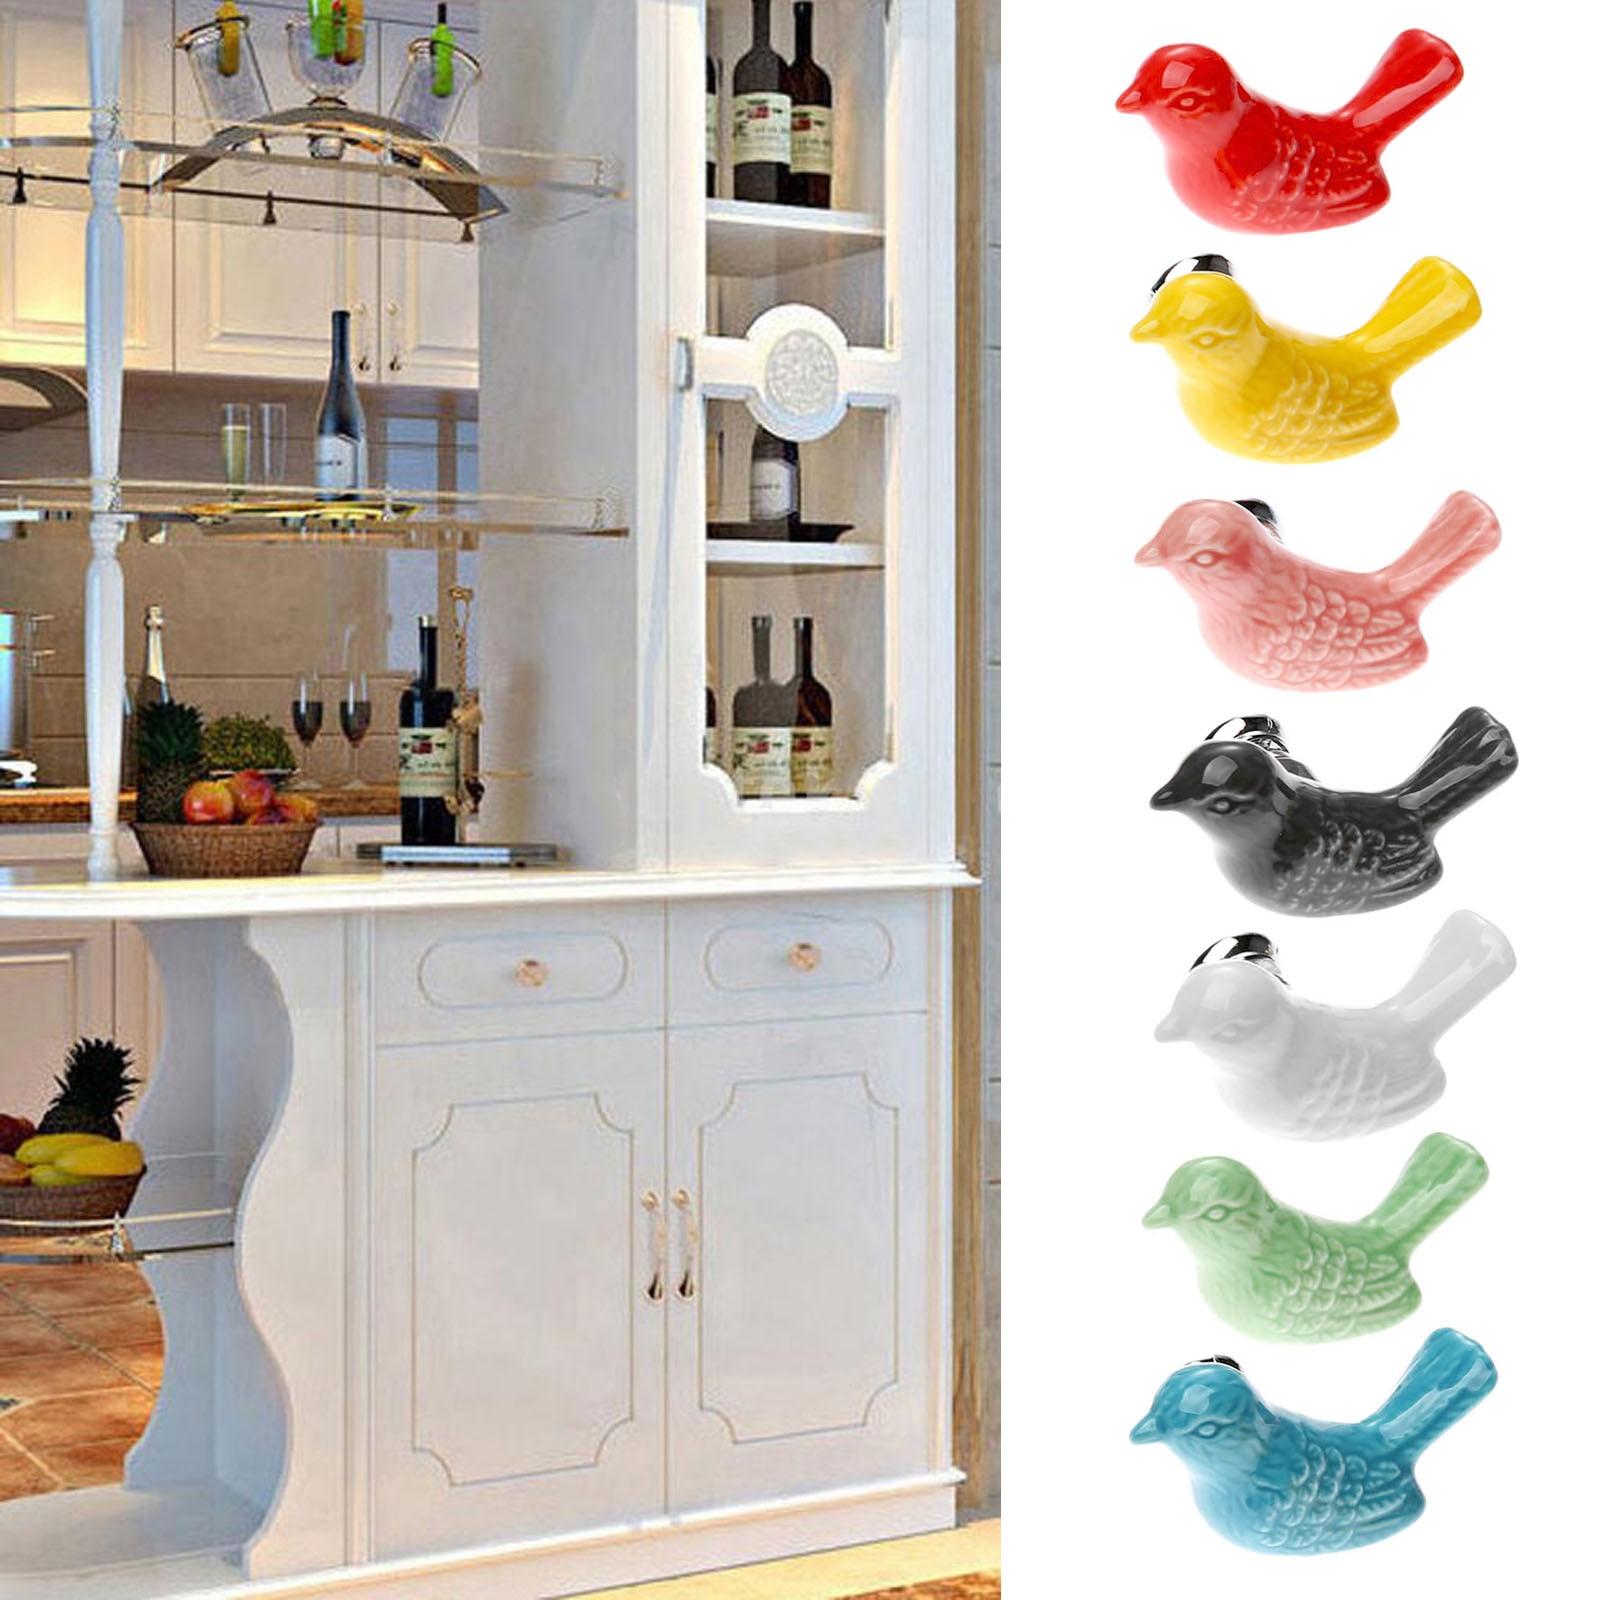 Retro Bird Furniture Handle Ceramic Drawer Door Knob Closet Cupboard Pull Handle Cabinet Knobs and Handles Modern Kitchen Handle бутылочки для кормления